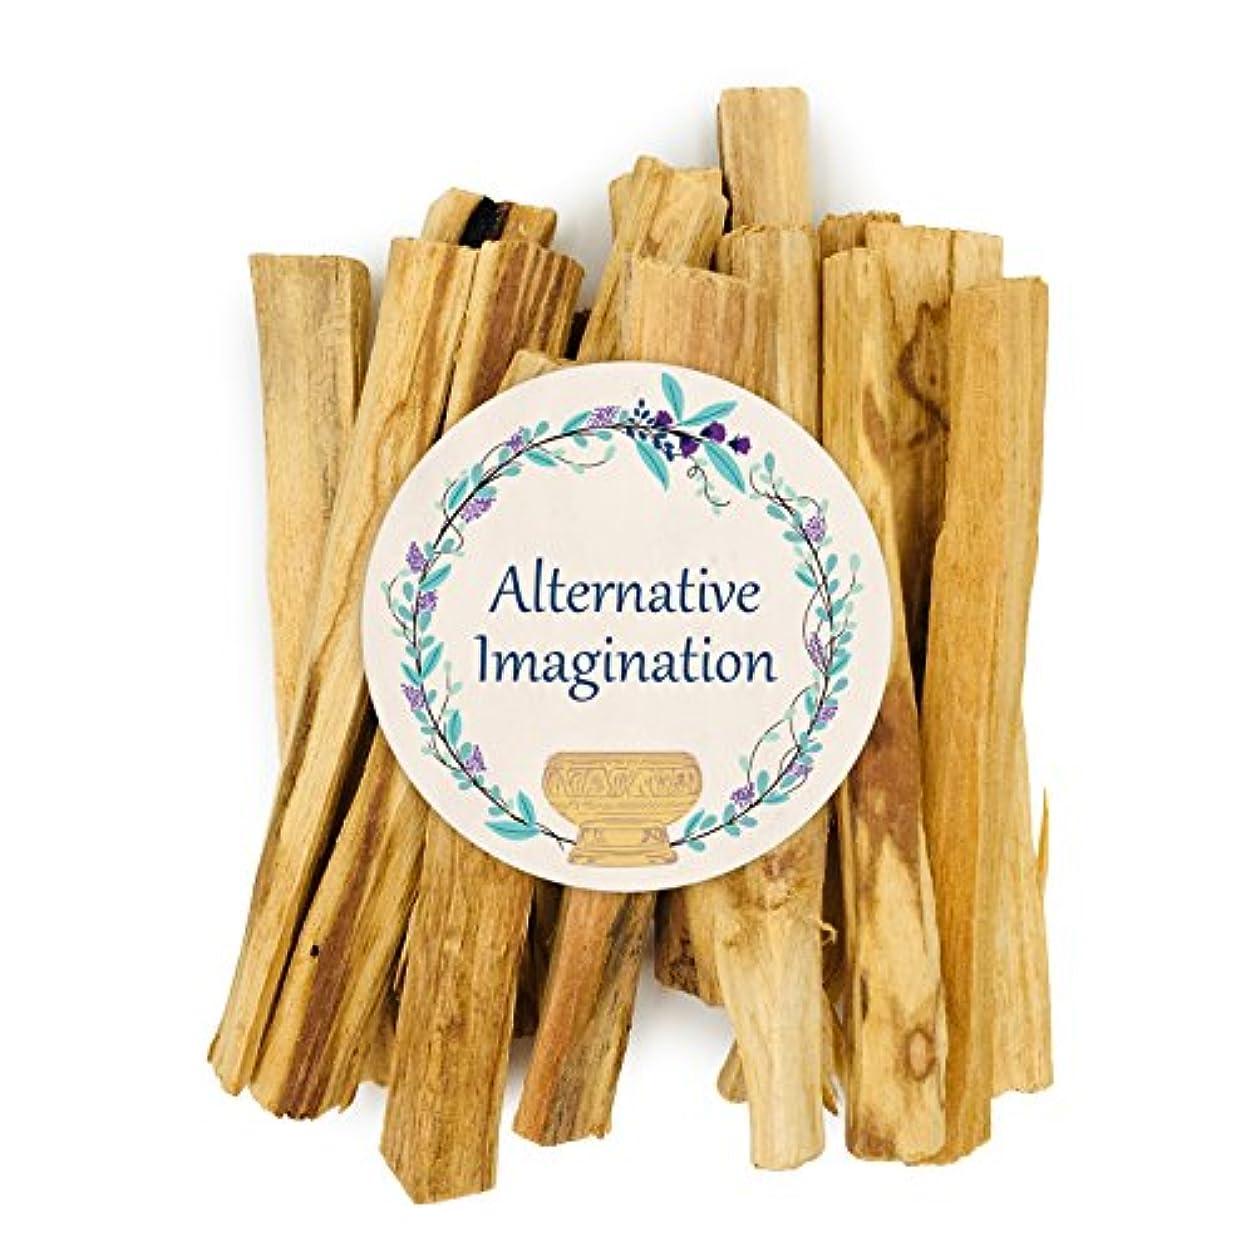 ヒギンズ偽装する地中海プレミアムPalo Santo Holy Wood Incense Sticks 2 ozパックfor purifying、クレンジング、ヒーリング、瞑想、Stress Relief。100 %自然と持続可能な、野生の収穫。